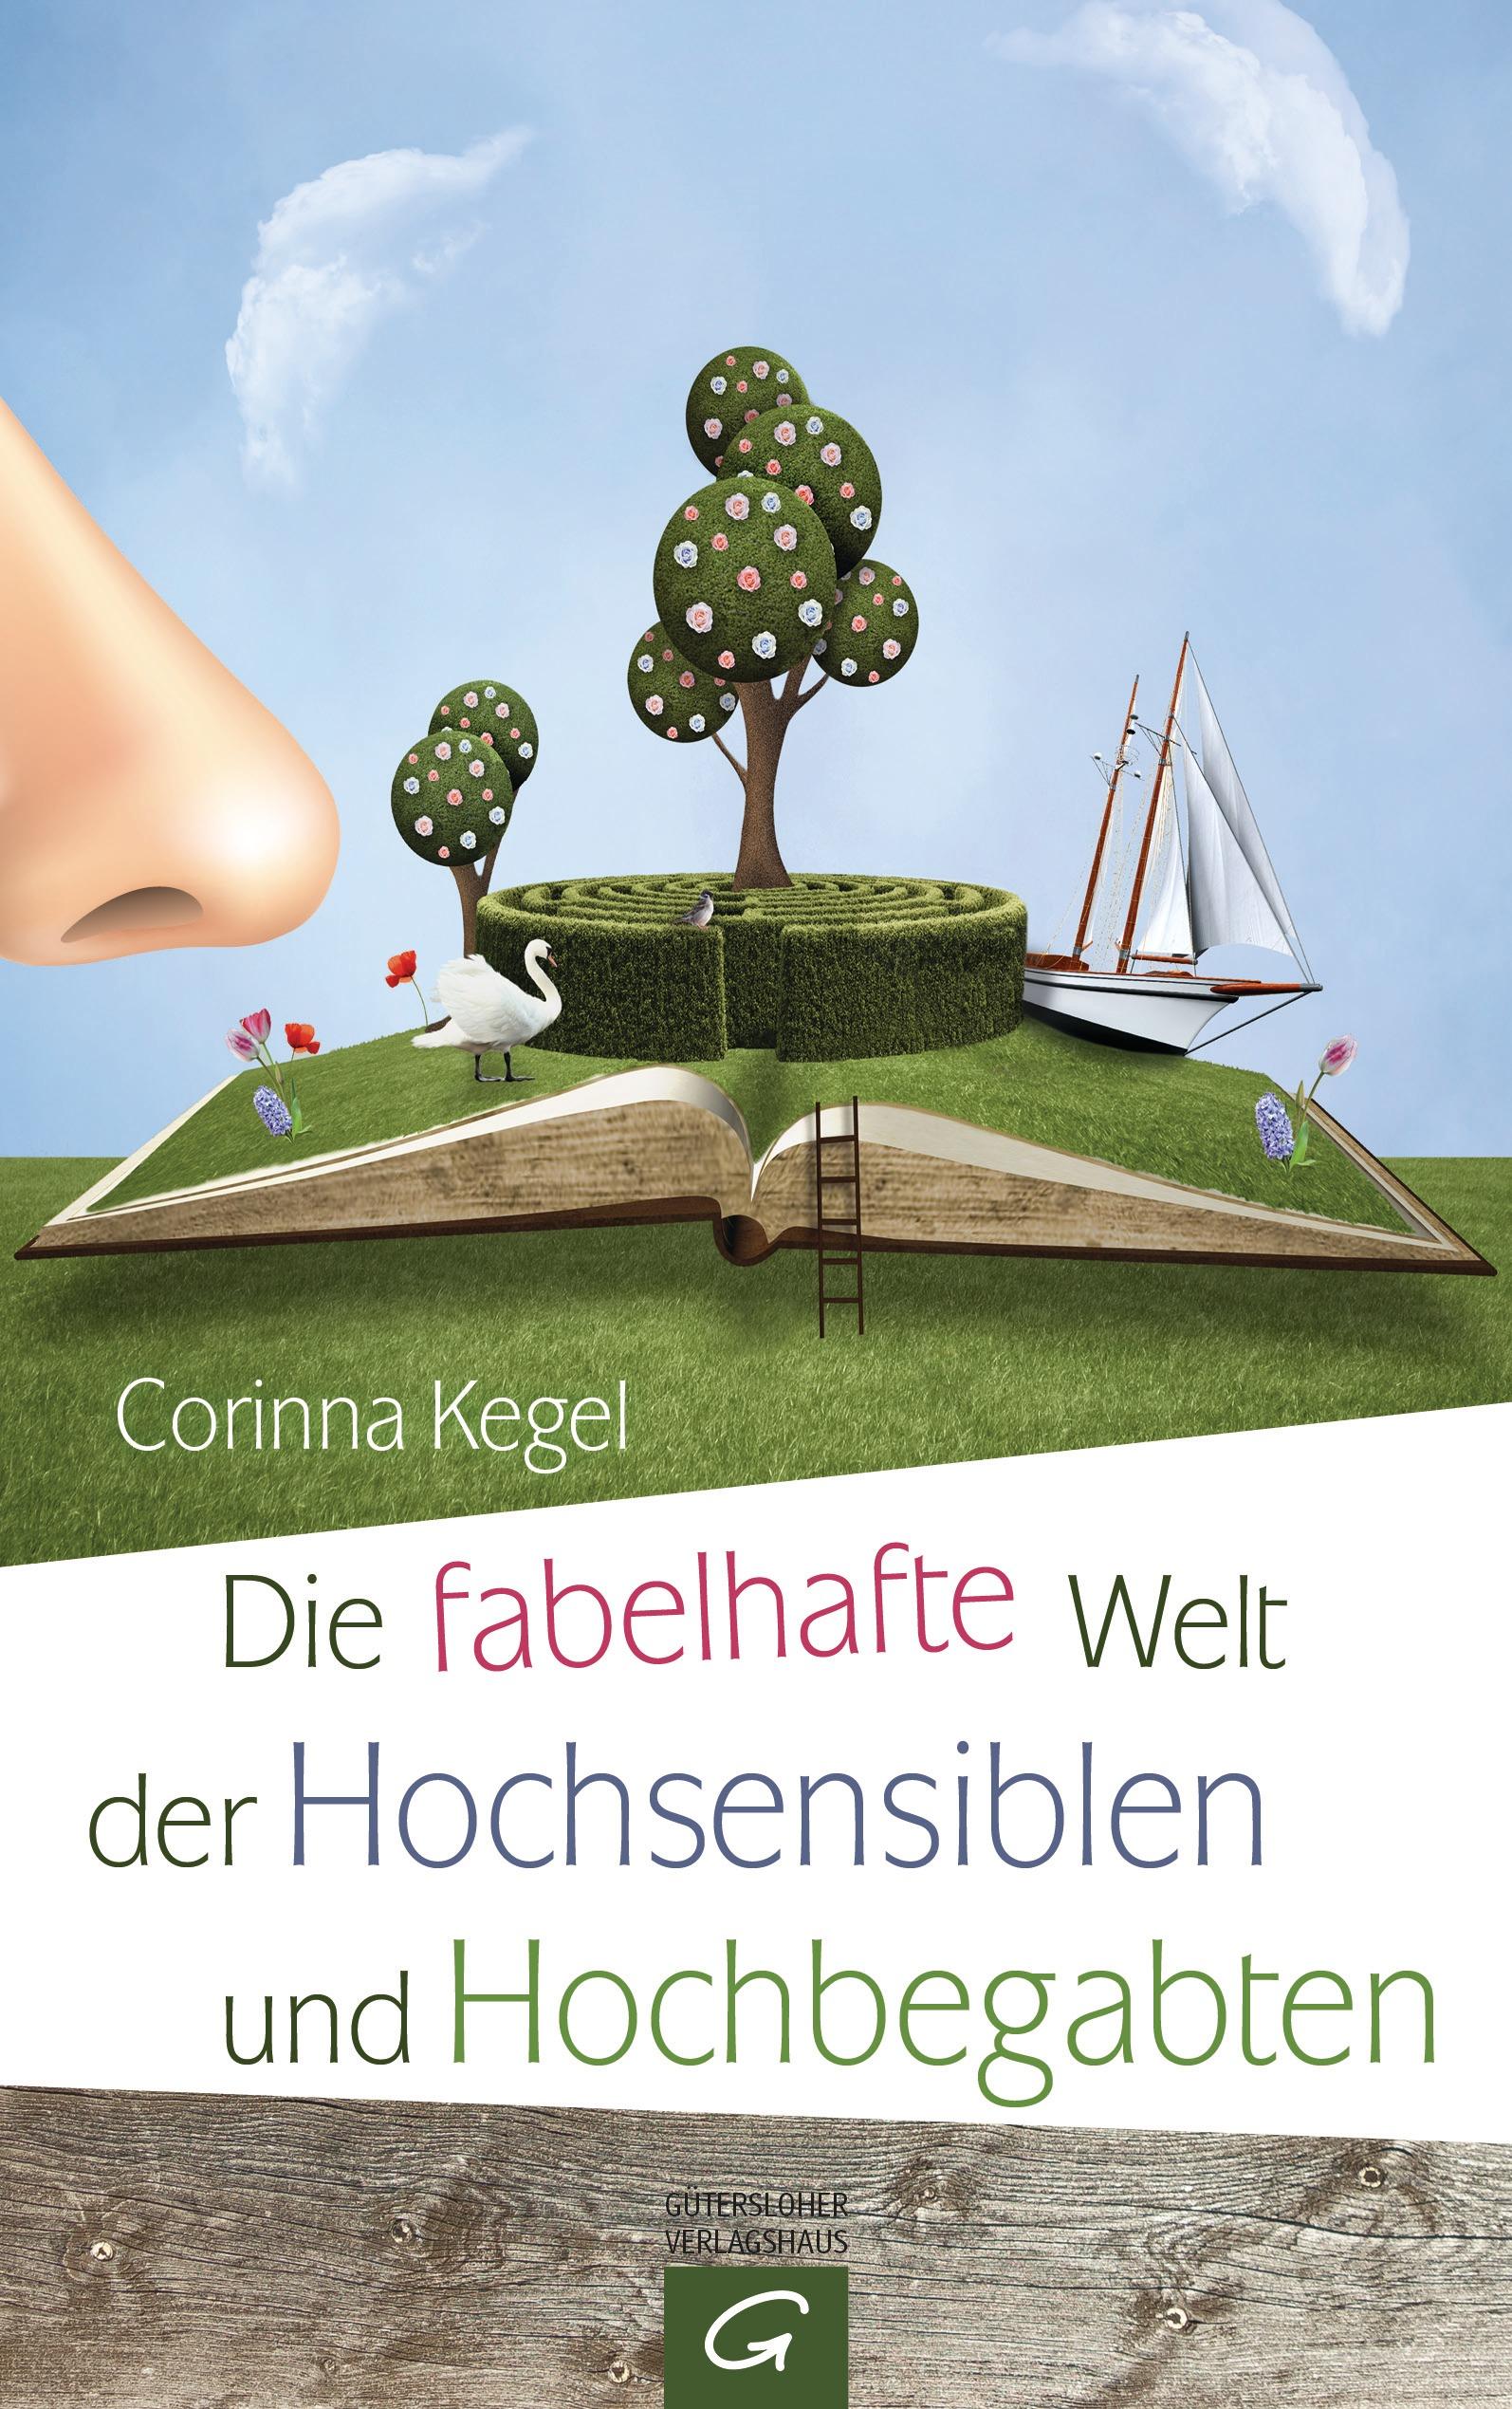 Die fabelhafte Welt der Hochsensiblen und Hochbegabten von Corinna Kegel